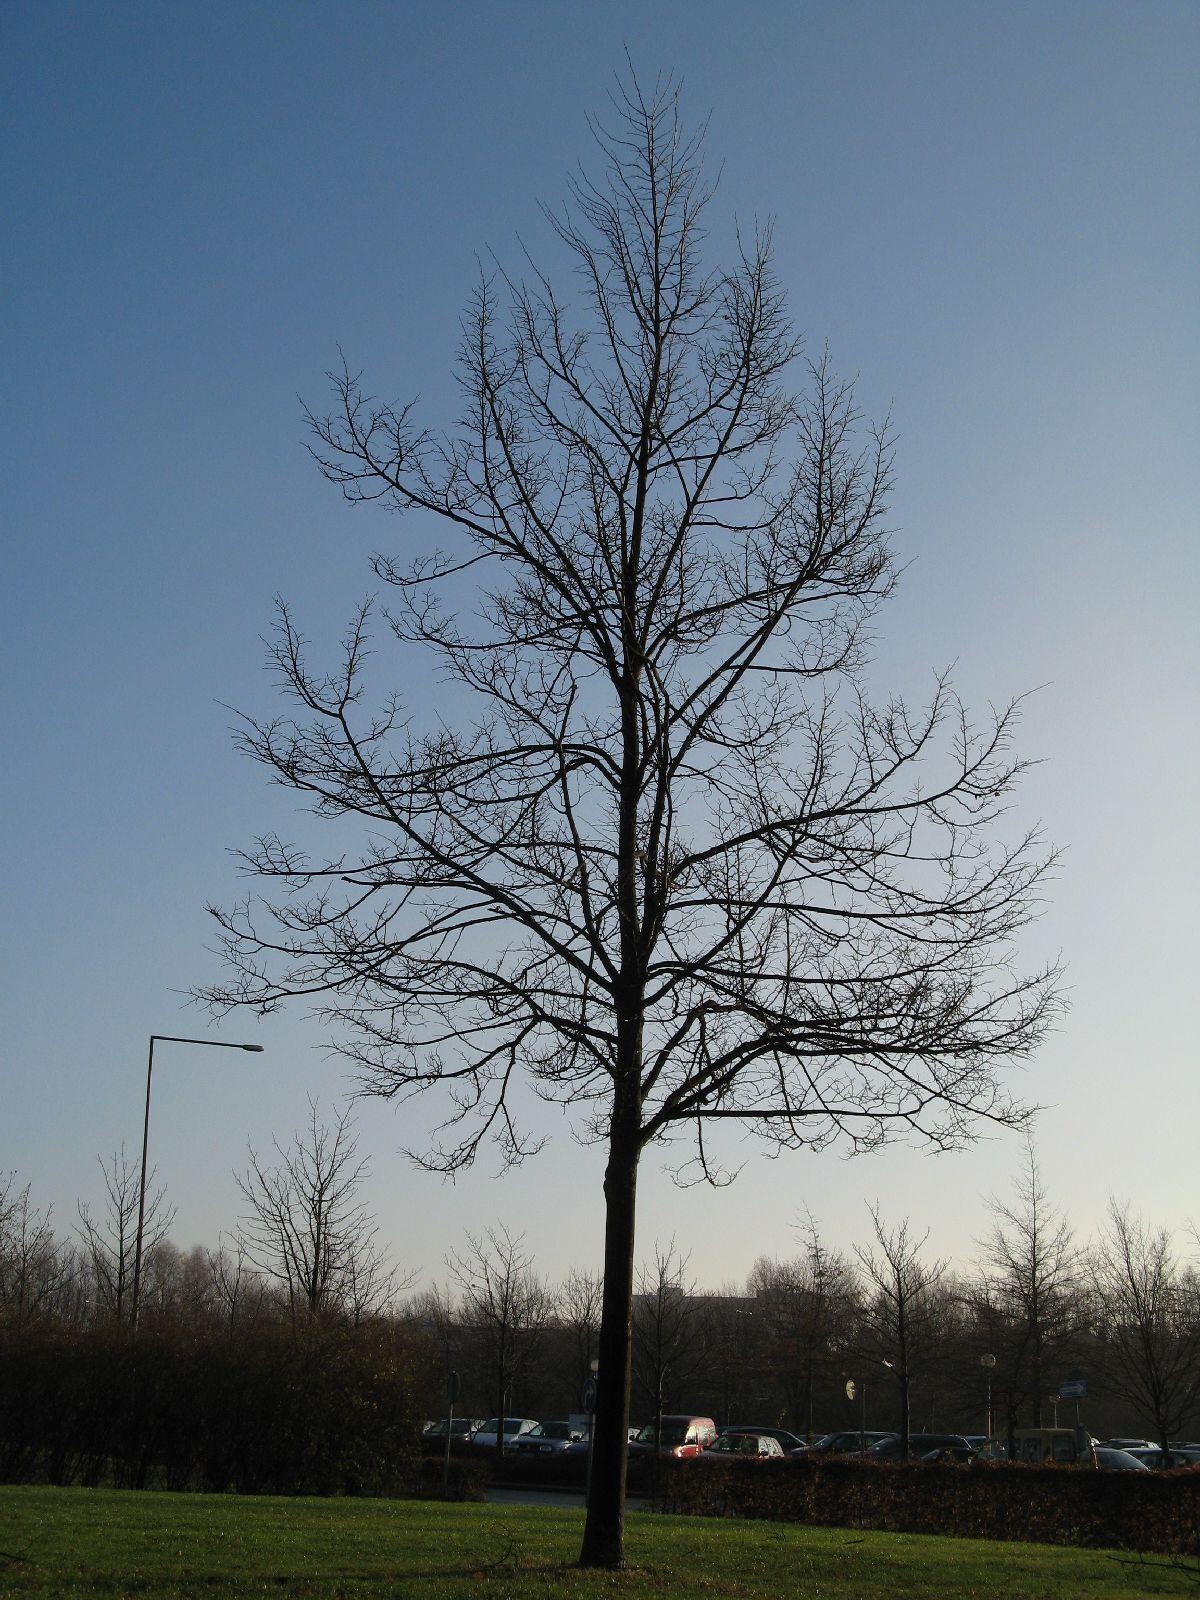 Pflanzen-Baum-Silhouette-Foto_Textur_B_12120